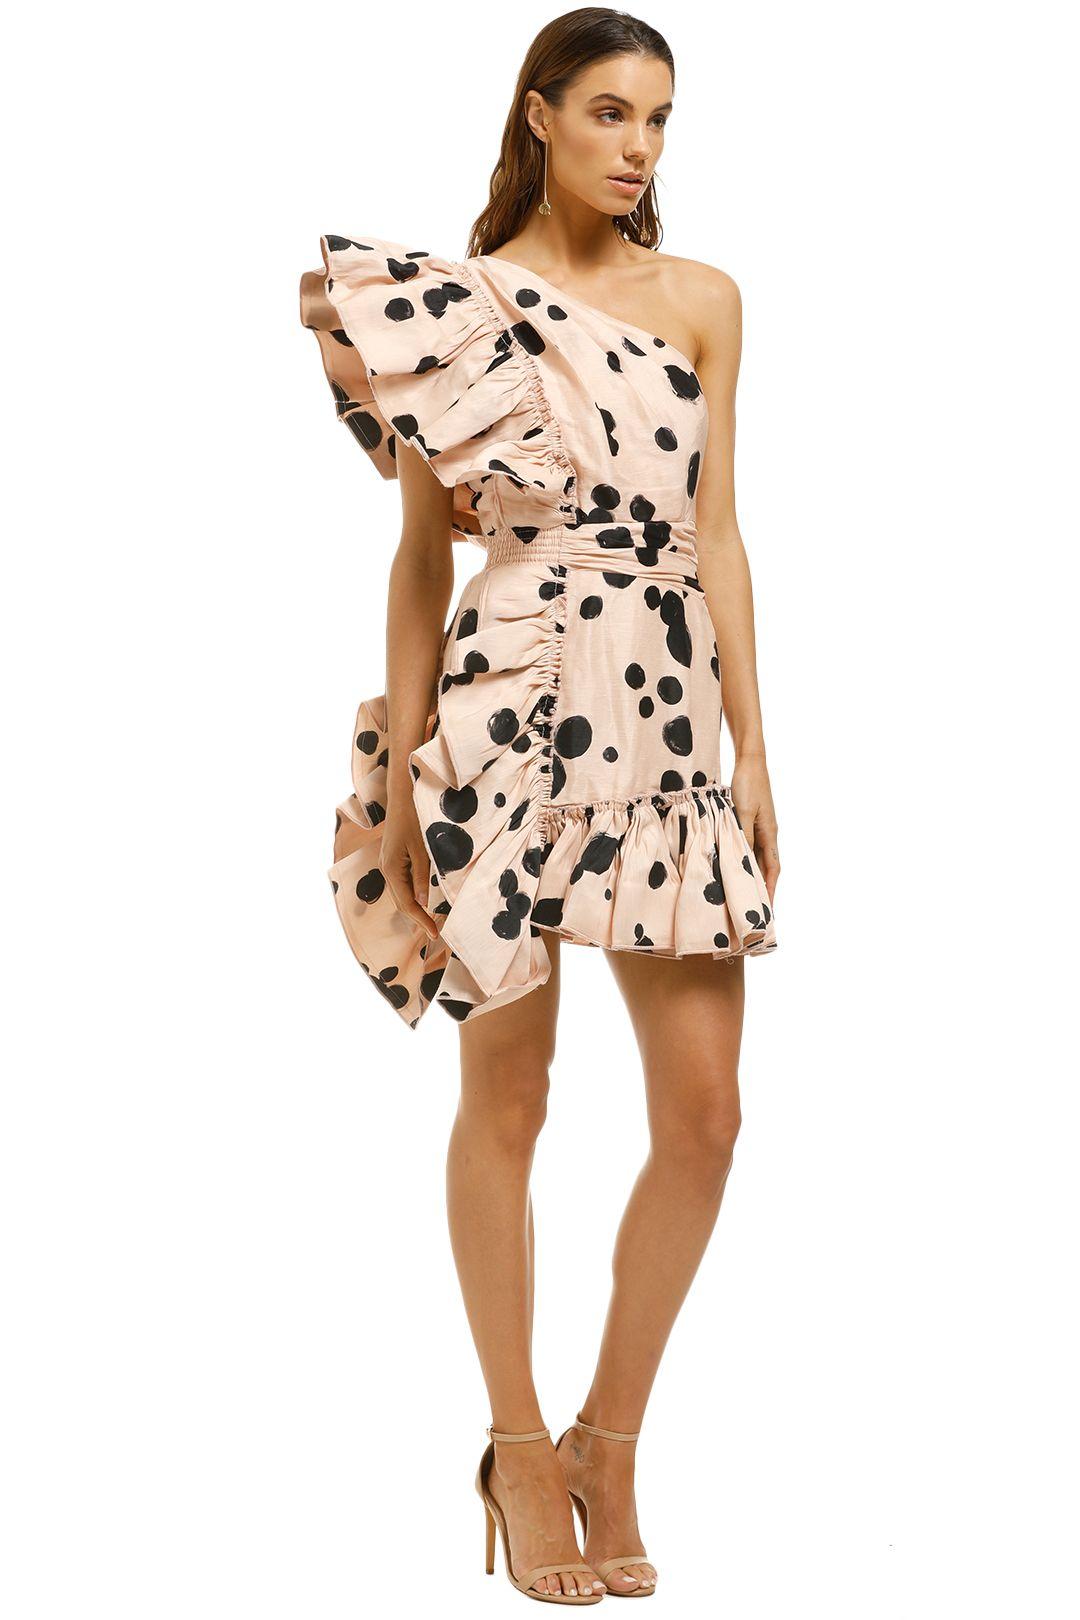 AJE-Beronia-Dress-Nude-Spot-Side